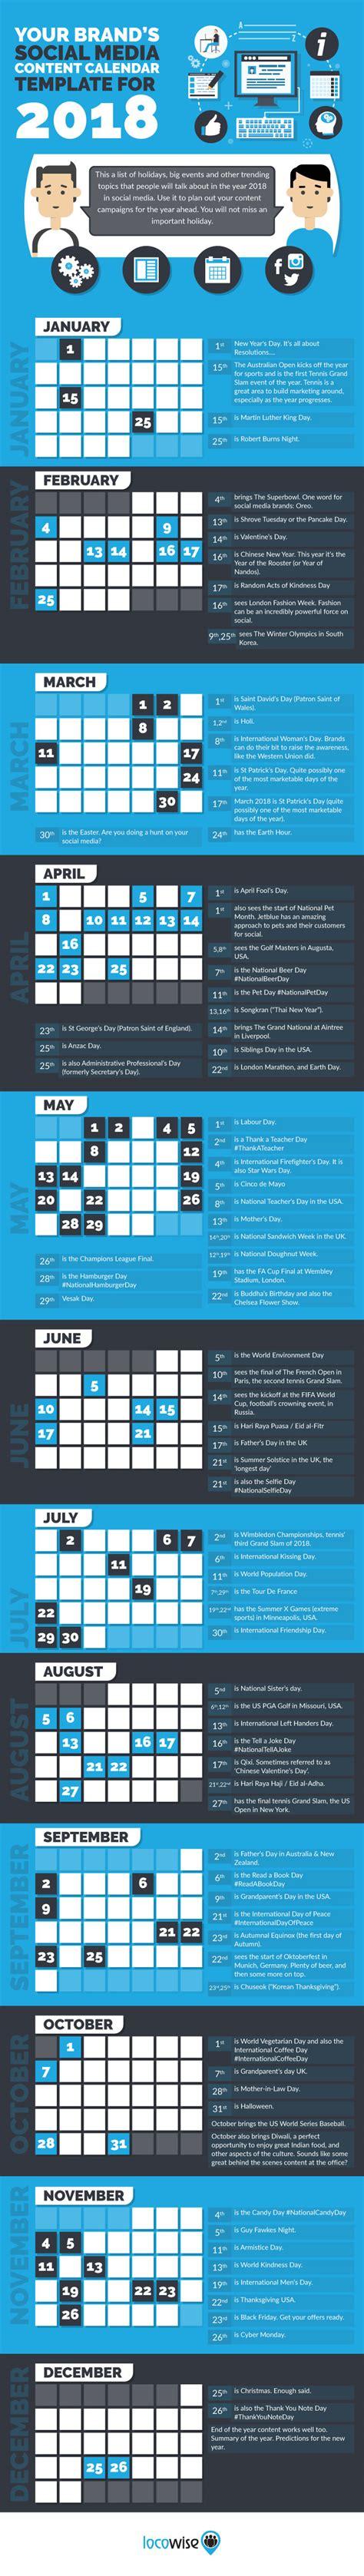 Your Brand S Social Media Content Calendar Template For 2018 Seo Land Brand Calendar Template